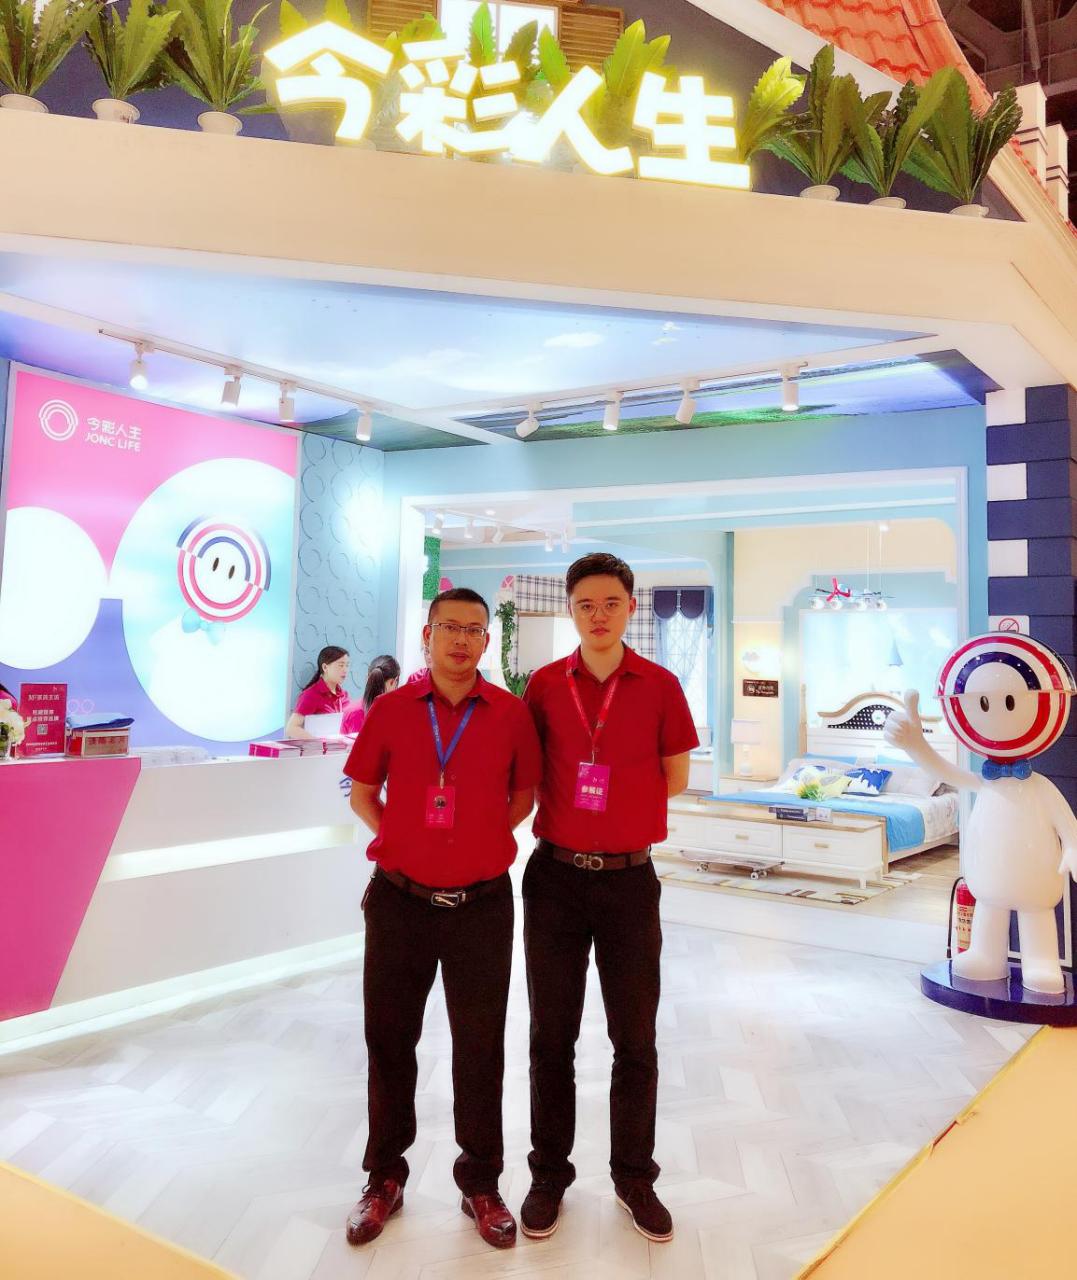 今彩家具惊艳成都展,要为中国青少年量身打造高品质家具